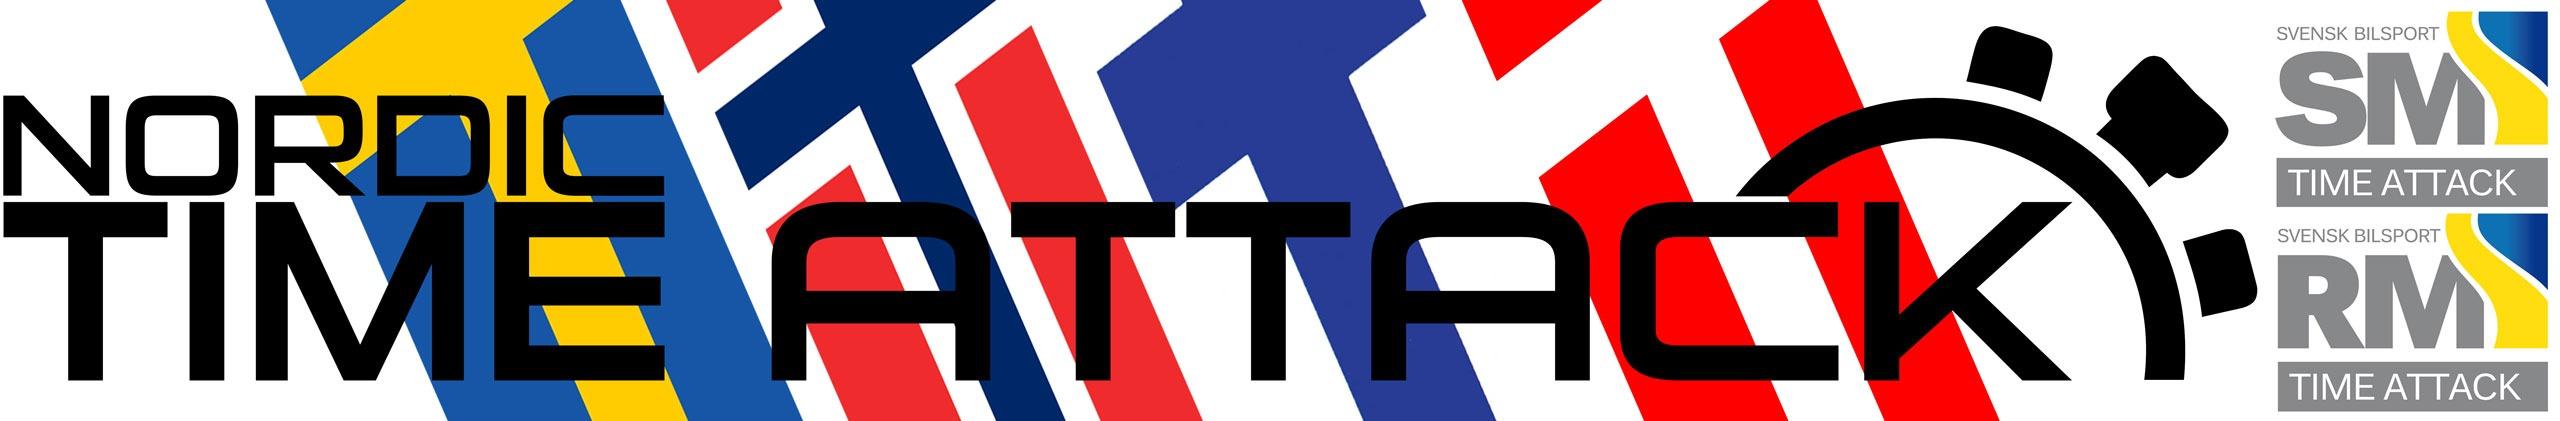 logo3 ny5 inv32312